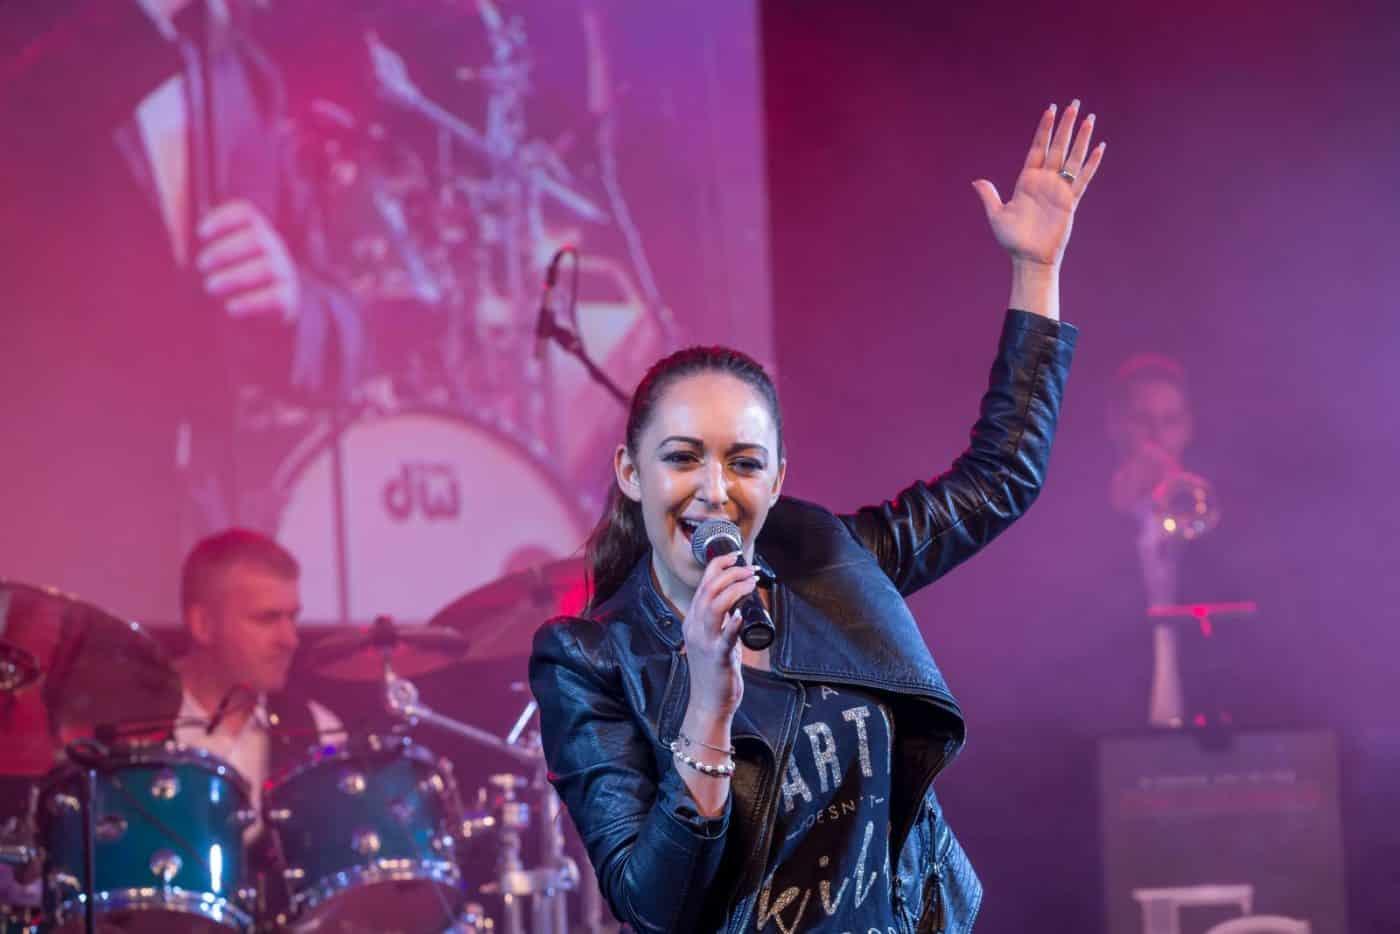 Die Bigband STEINBACH und die Sängerin Silvia präsentieren aktuelle Pophits.